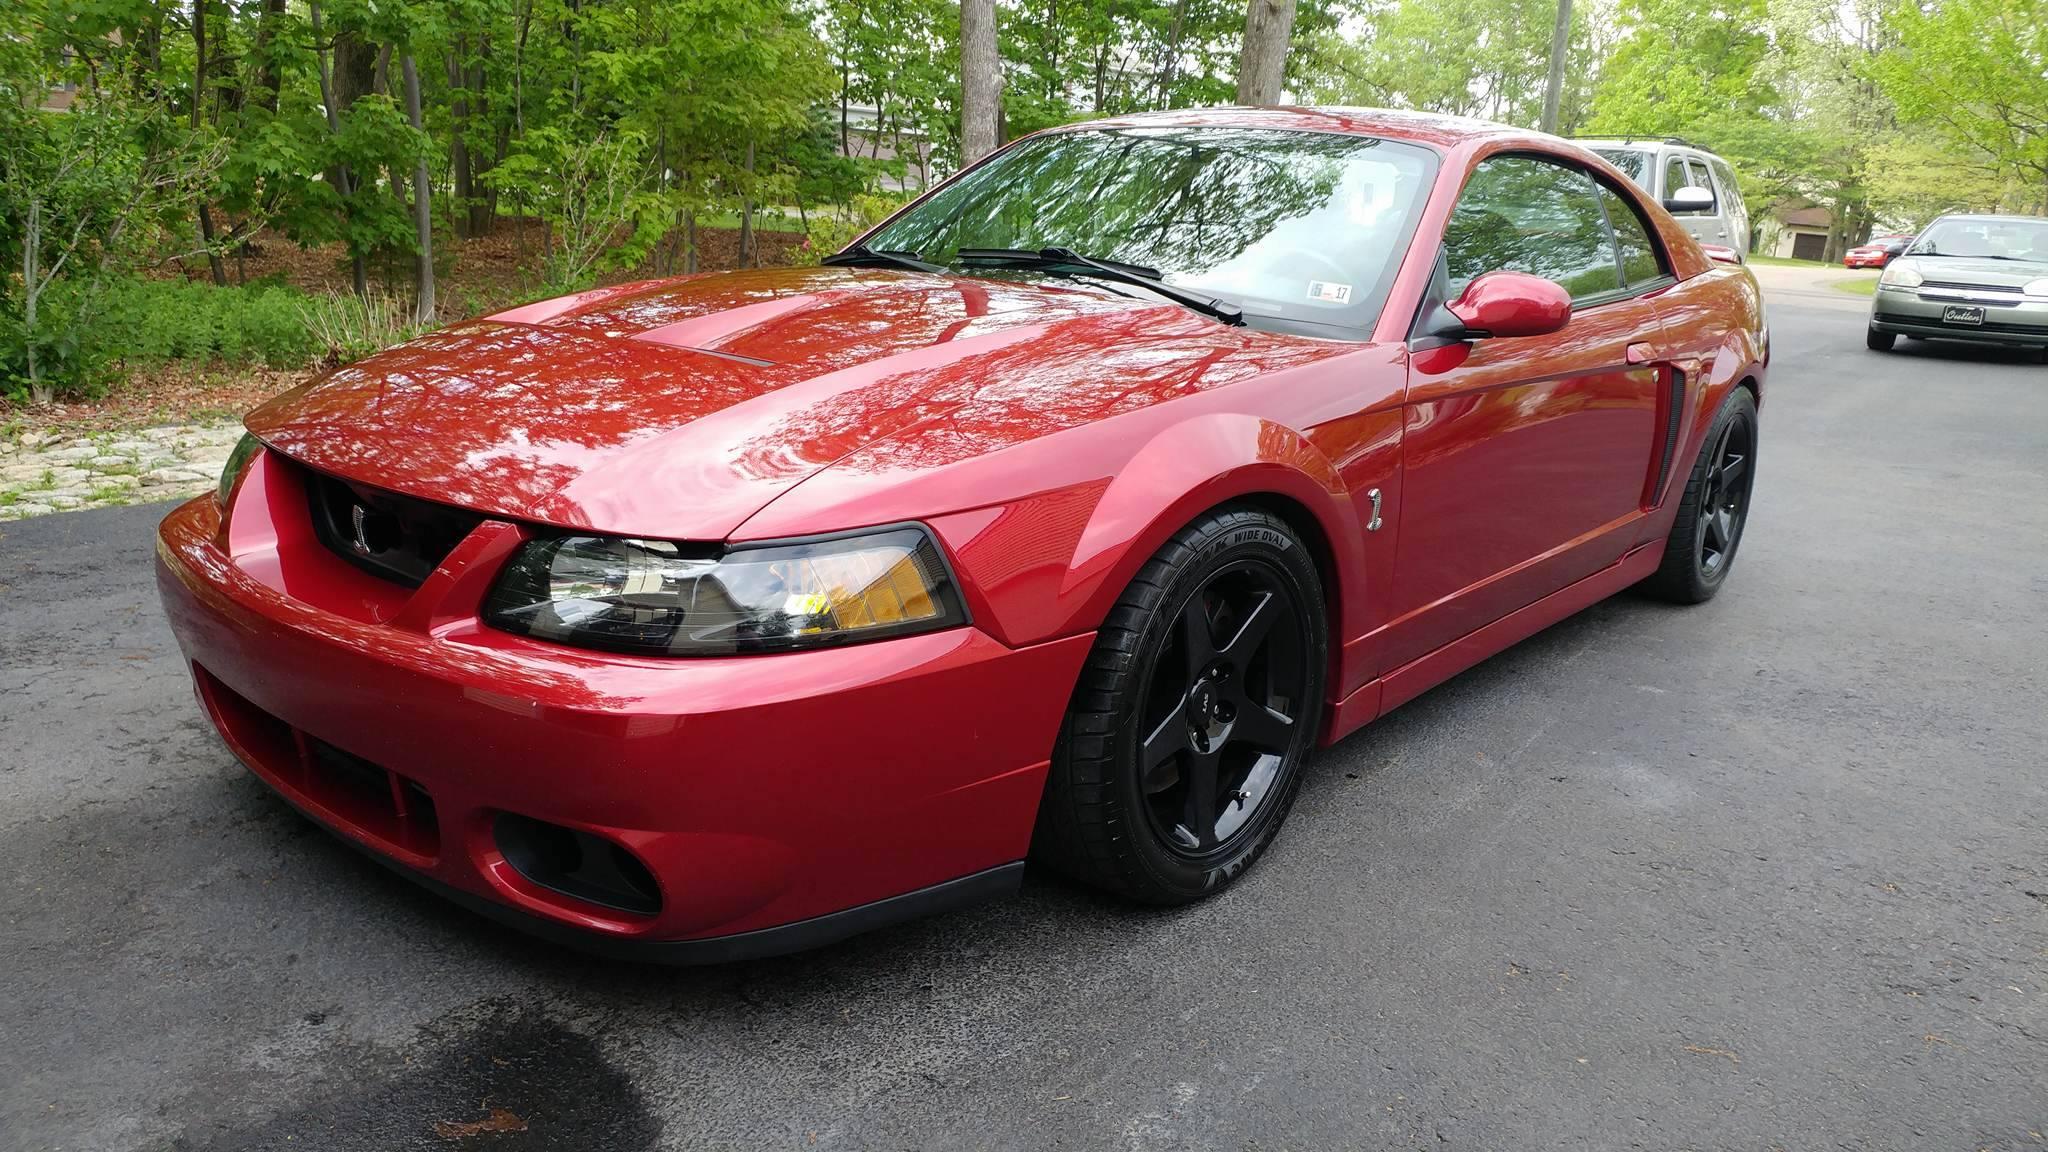 Red Mustang Cobra